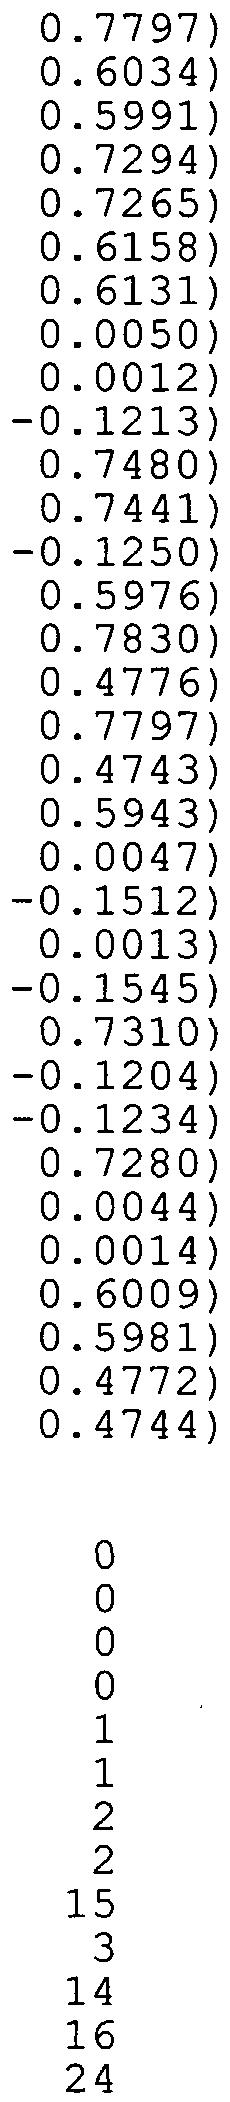 Figure imgf000062_0004